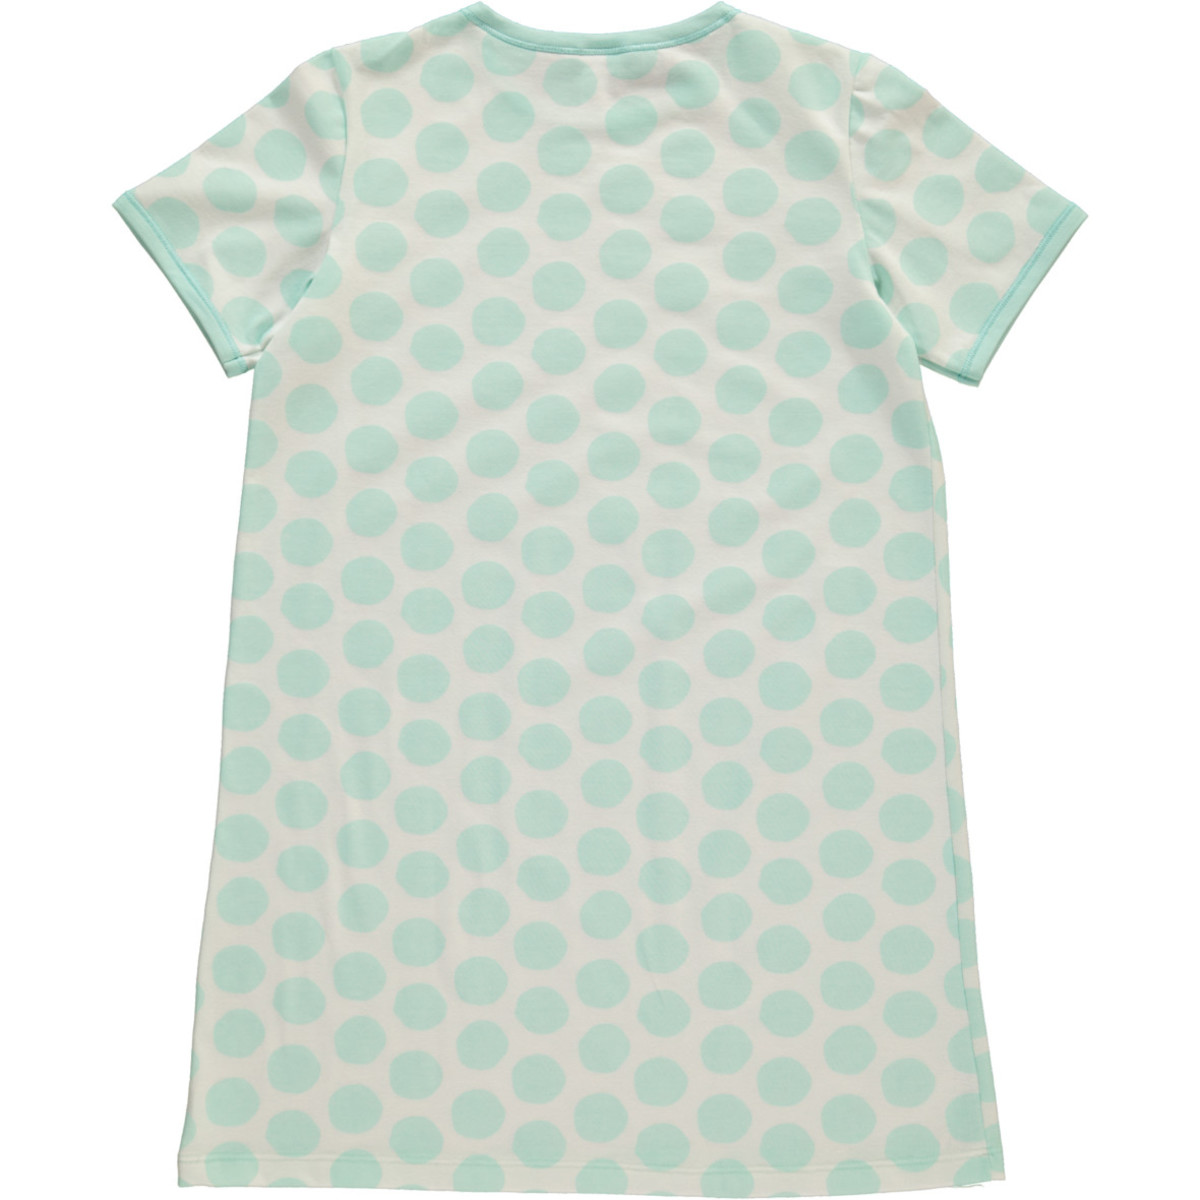 Bild 2 von Mädchen Nachthemd mit Punkten in Größe 128